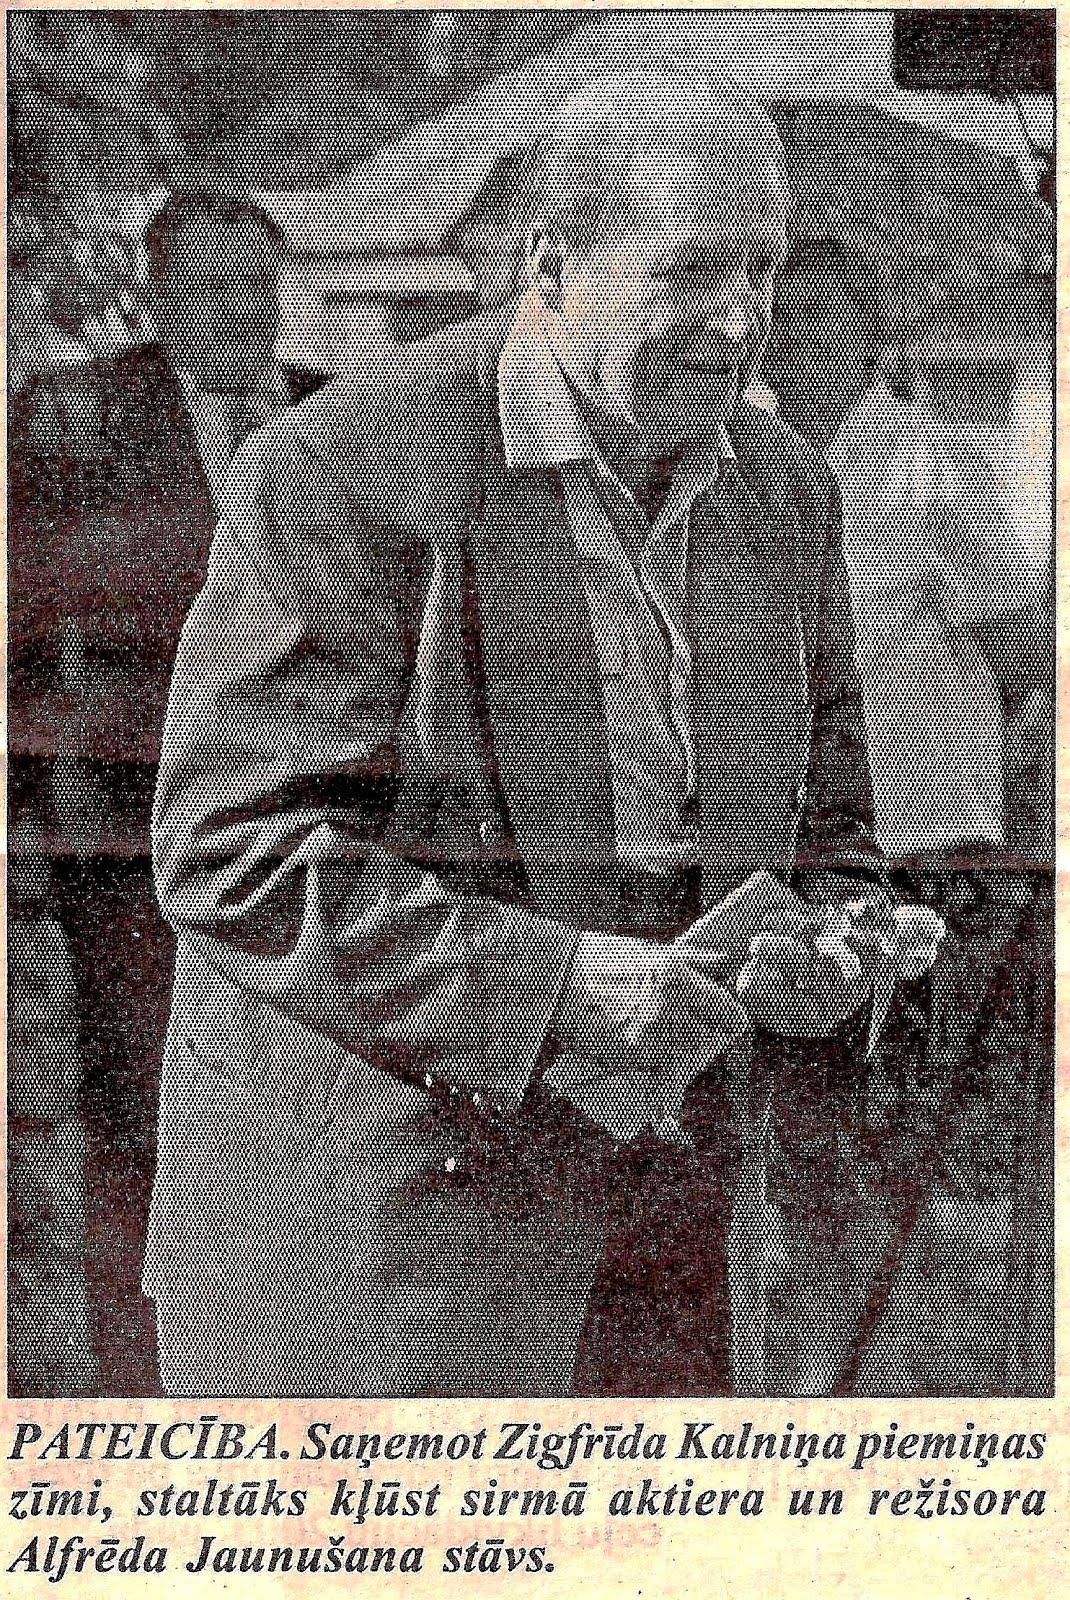 Alfrēds Jaunušāns 2000. gada 5. augustā , saņemot Zigfrīda Kalniņa piemiņas zīmi